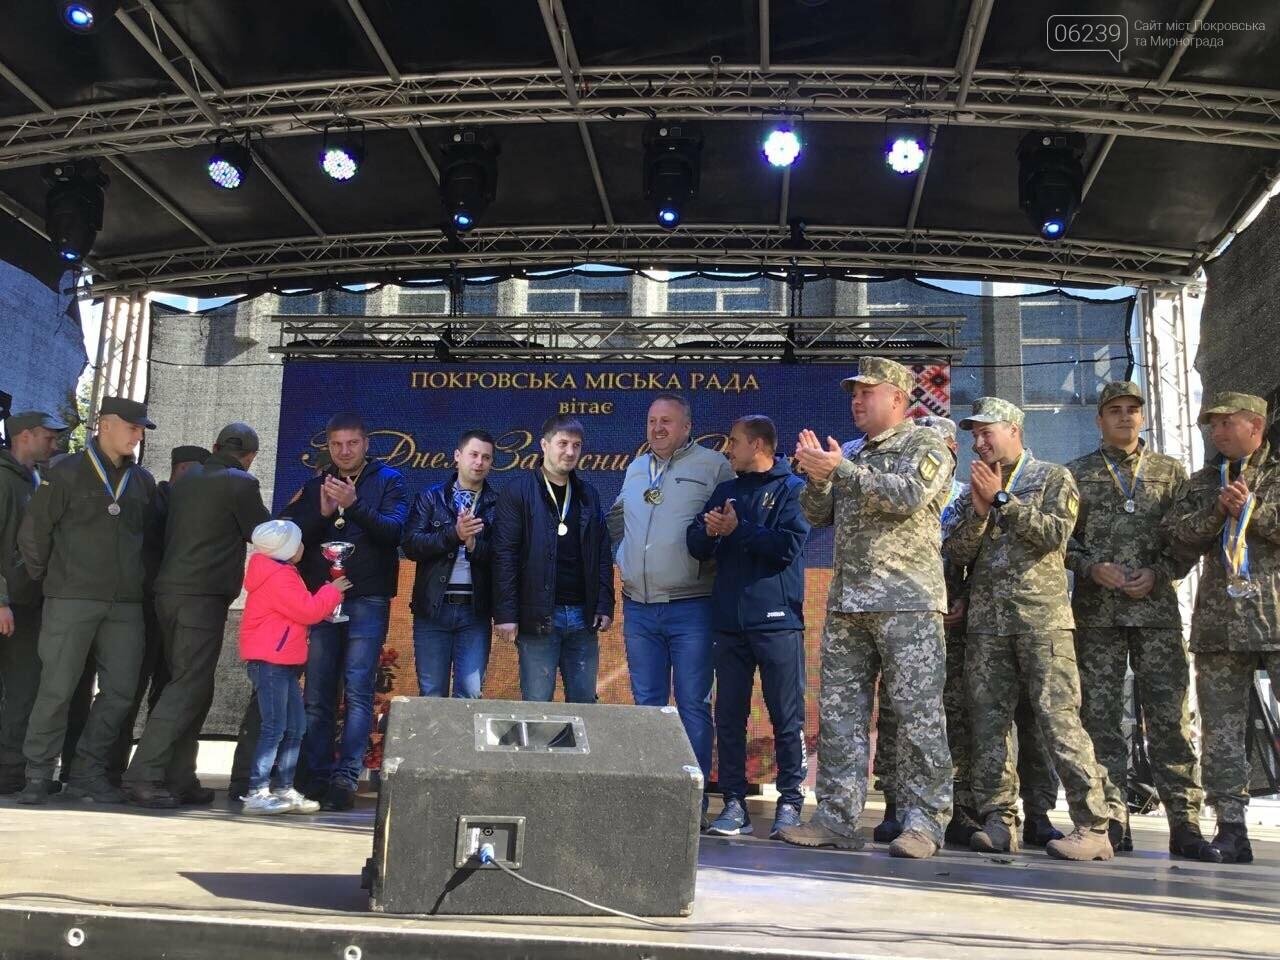 Святкова программа на честь святкування Дня захисника триває у Покровську, фото-19